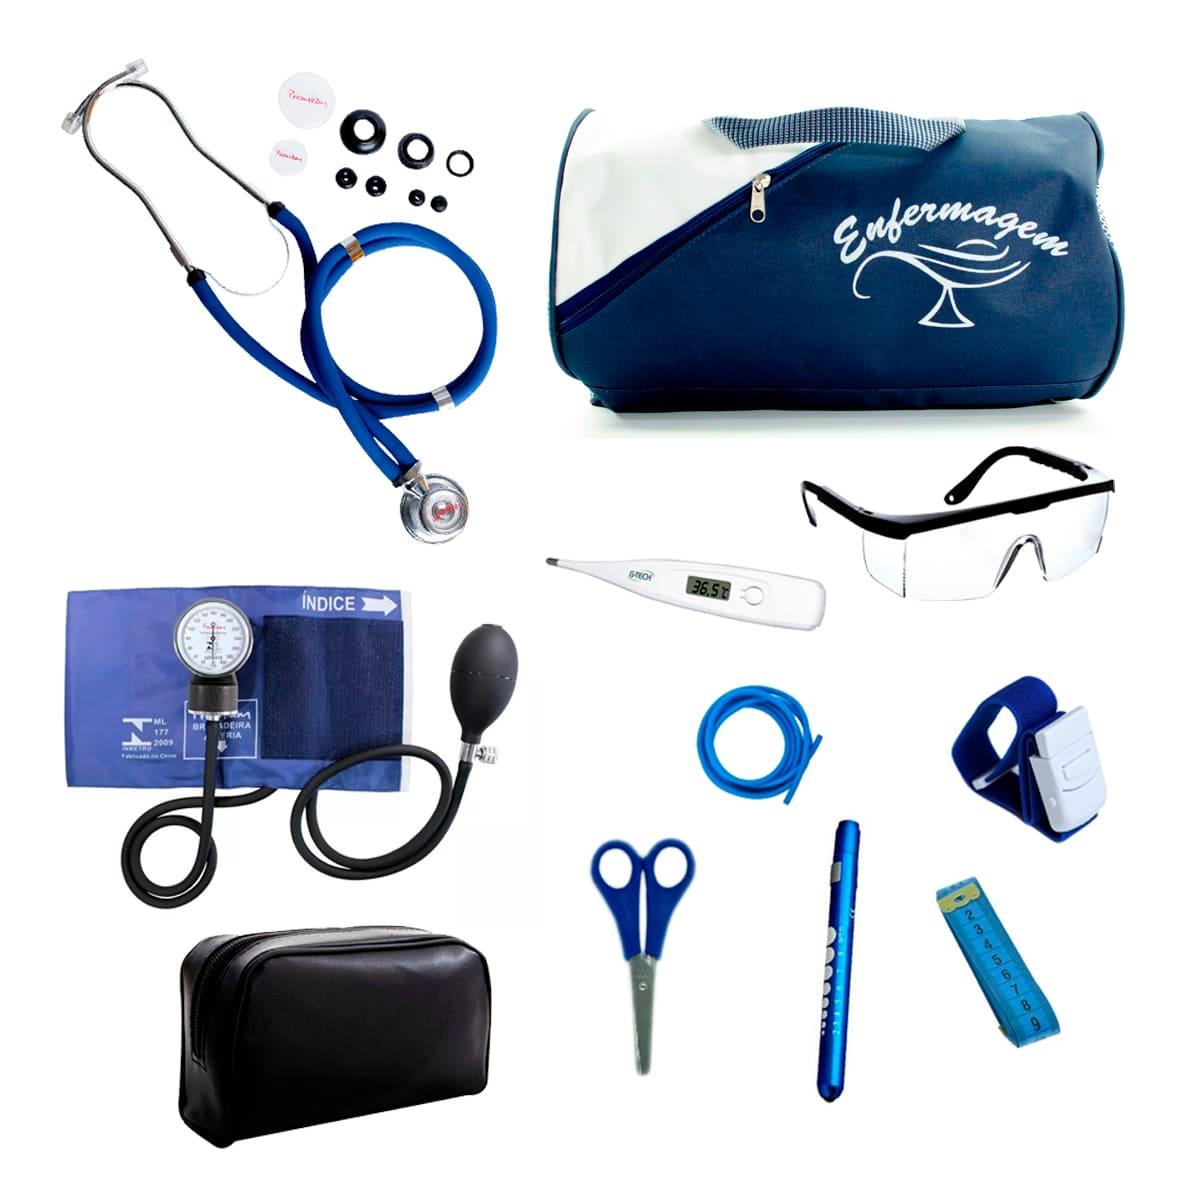 Kit Enfermagem mod.18 Aparelho de Pressão Premium Cor:Azul Marinho